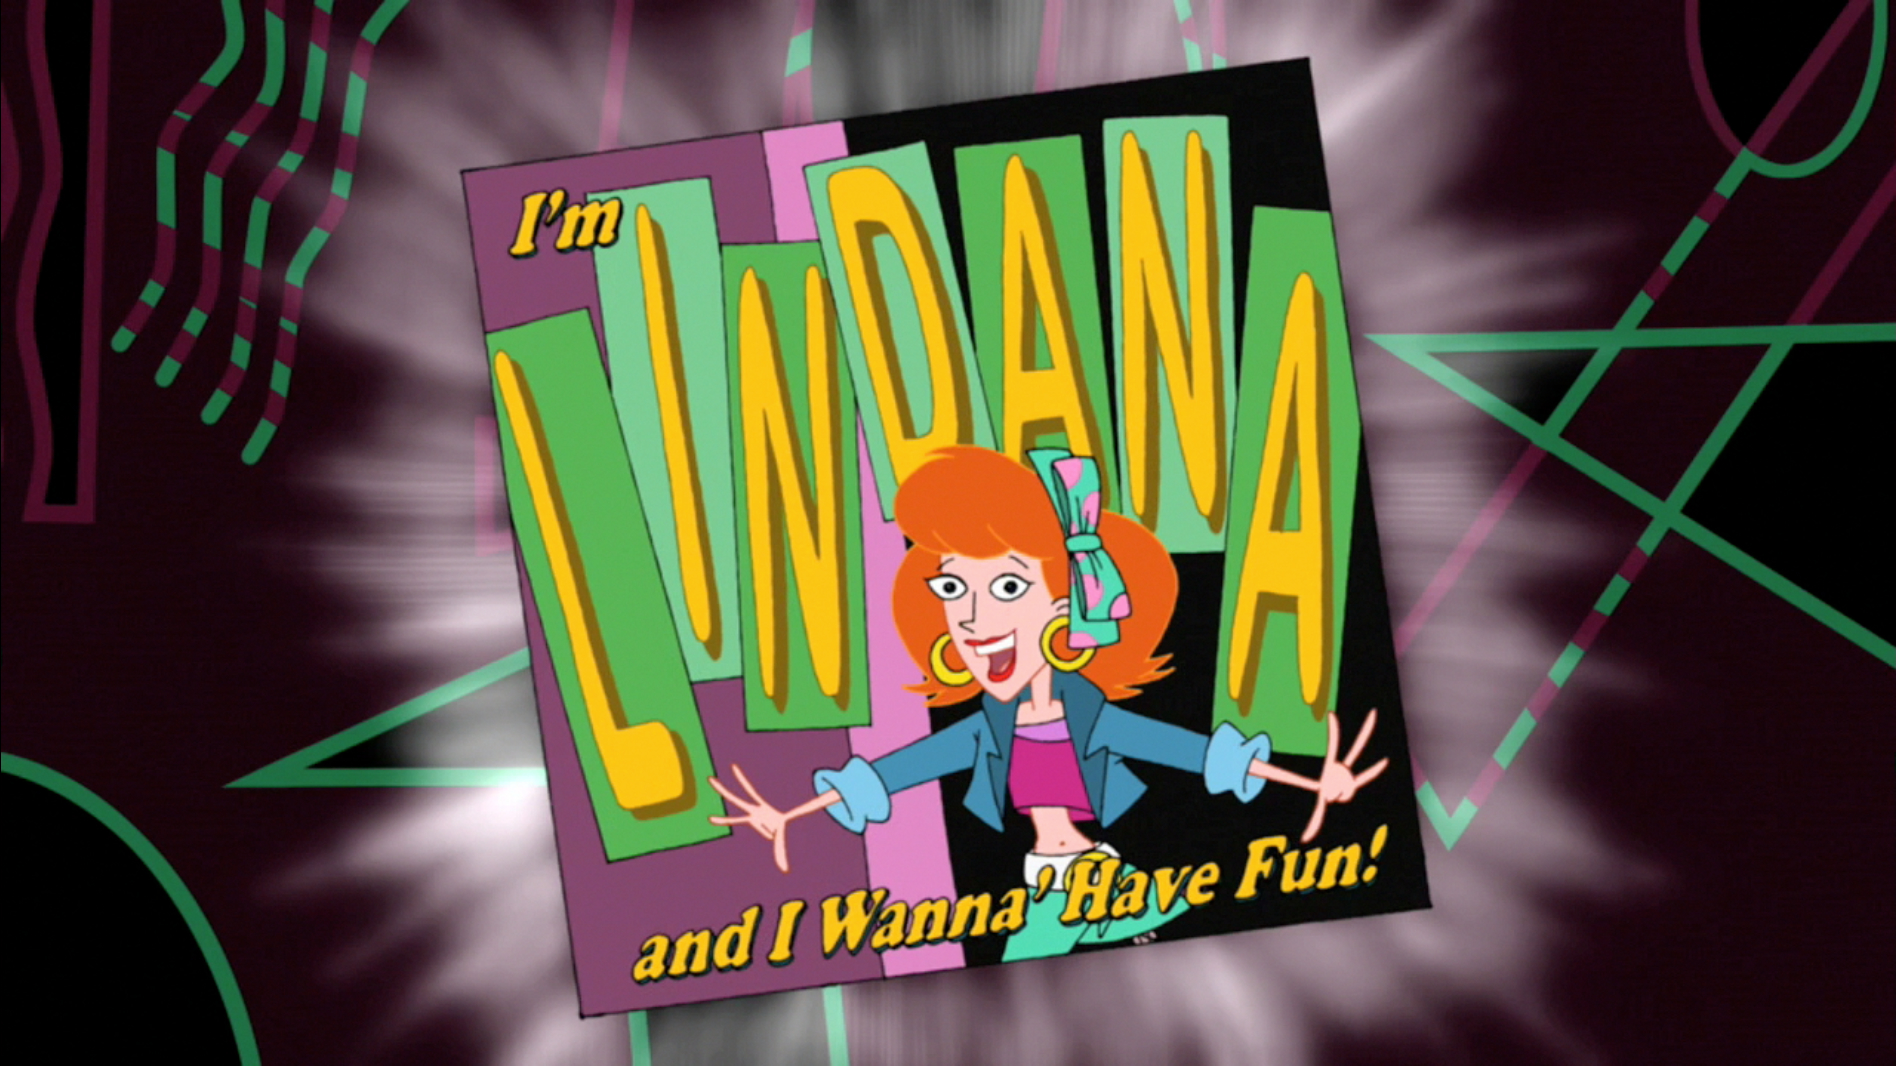 Ja, Lindana